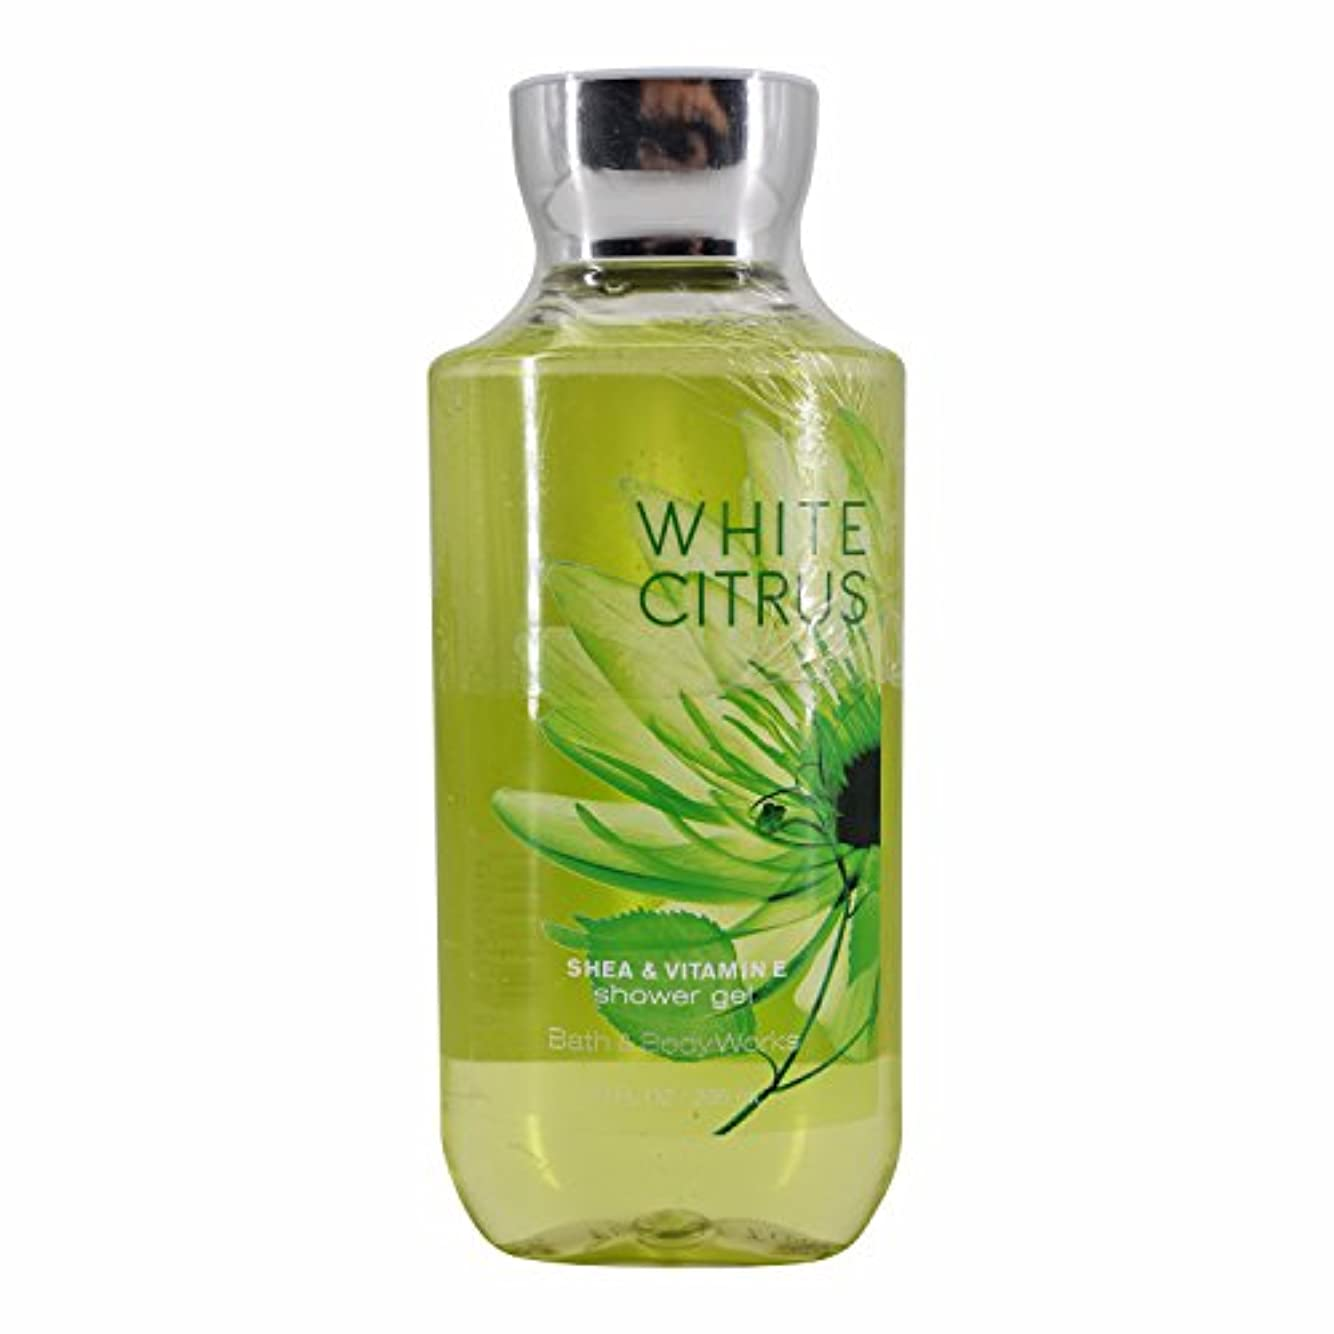 代替シルエット間に合わせバス&ボディワークス ホワイトシトラス シャワージェル White Citrus Shea & Vitamin-E Shower Gel